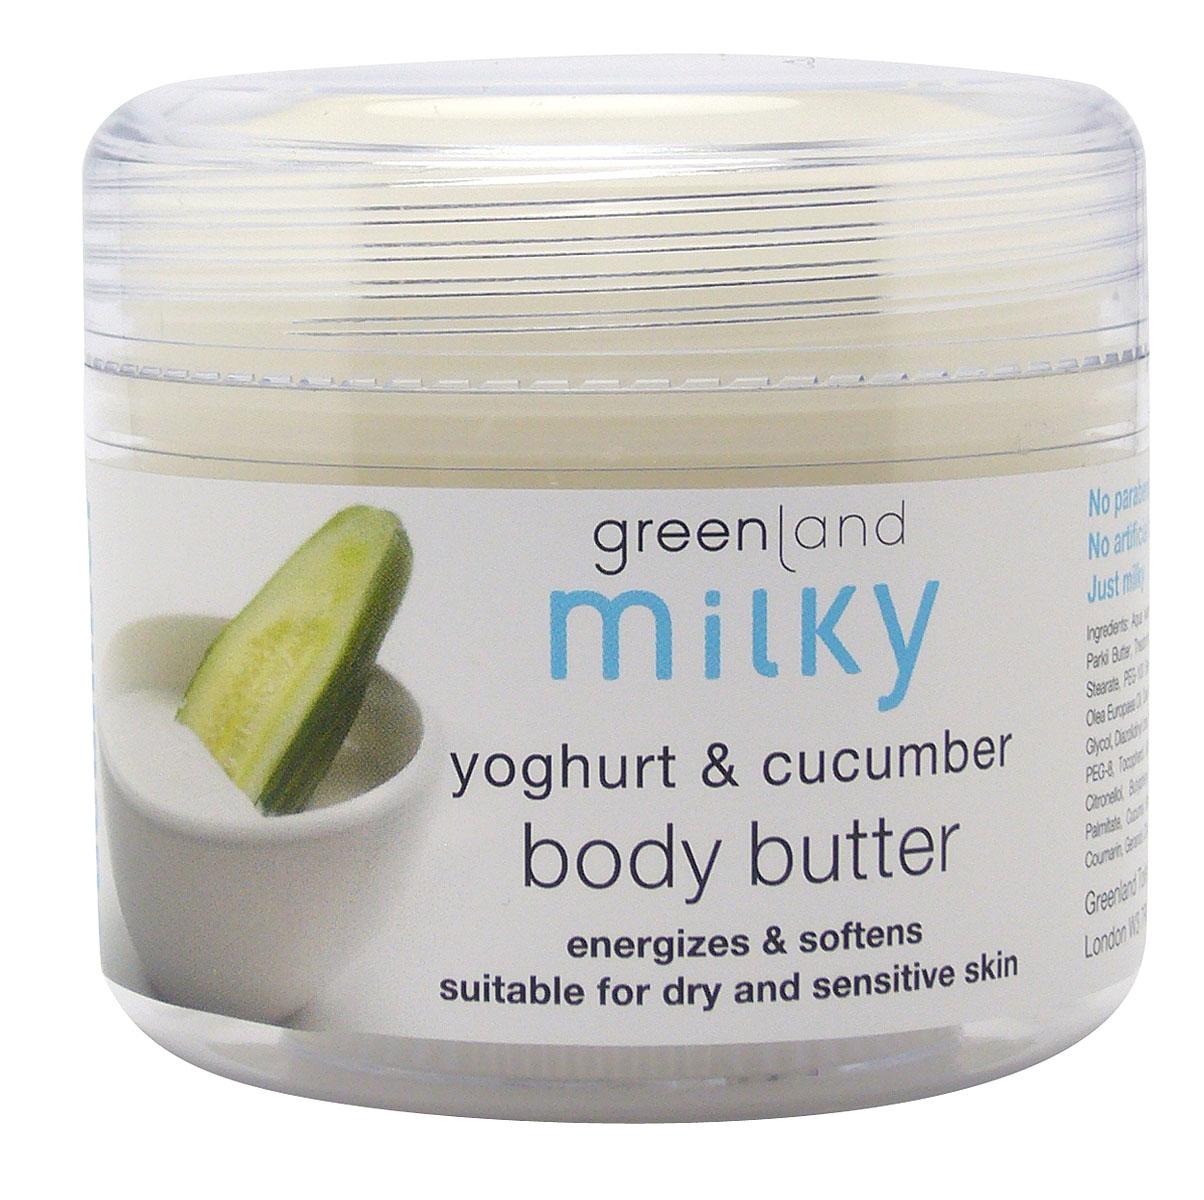 Greenland Крем для тела Milky, с йогуртом и огурцом, 150 мл0901-MY53Крем для тела глубоко увлажняет и питает кожу, делая ее более эластичной. Естественные компоненты йогурта успокаивают и смягчают кожу, витамины, содержащиеся в экстракте огурца, насыщают ее энергией. Способ применения: Наносите на тело легкими массажными движениями.